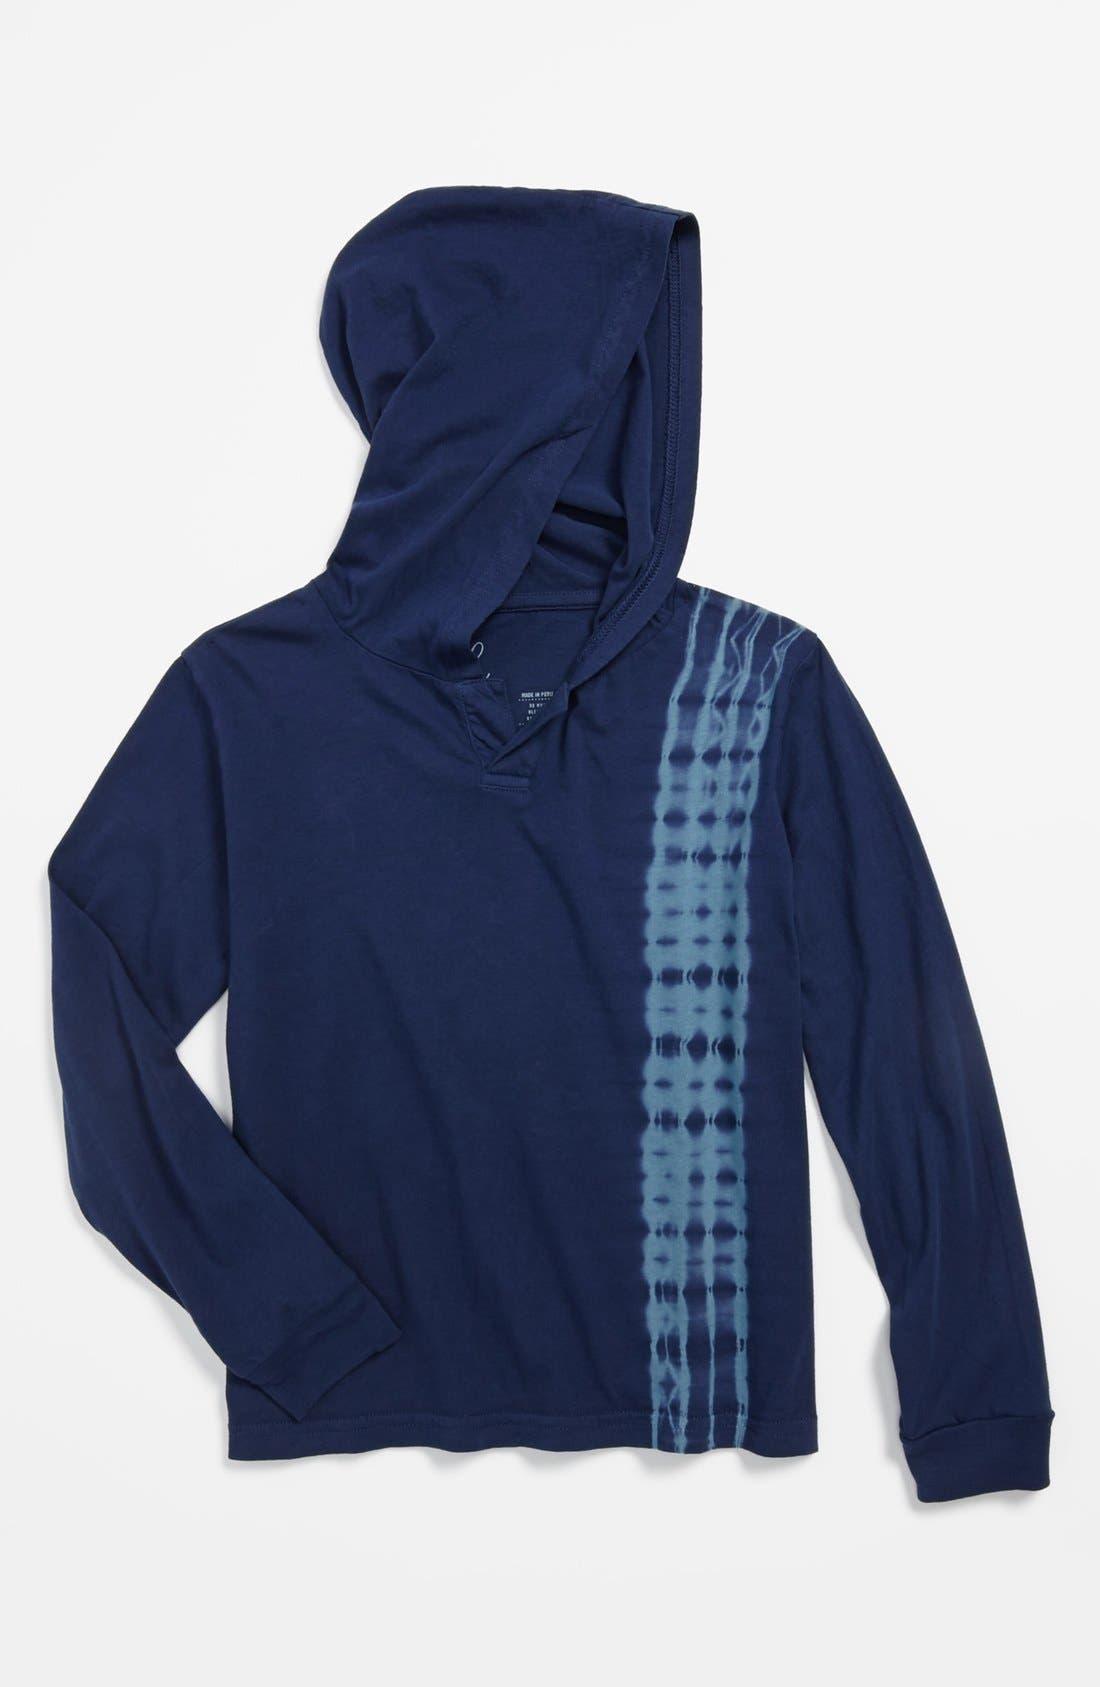 Alternate Image 1 Selected - Peek 'Ashby' Tie Dye Hoodie (Little Boys & Big Boys)